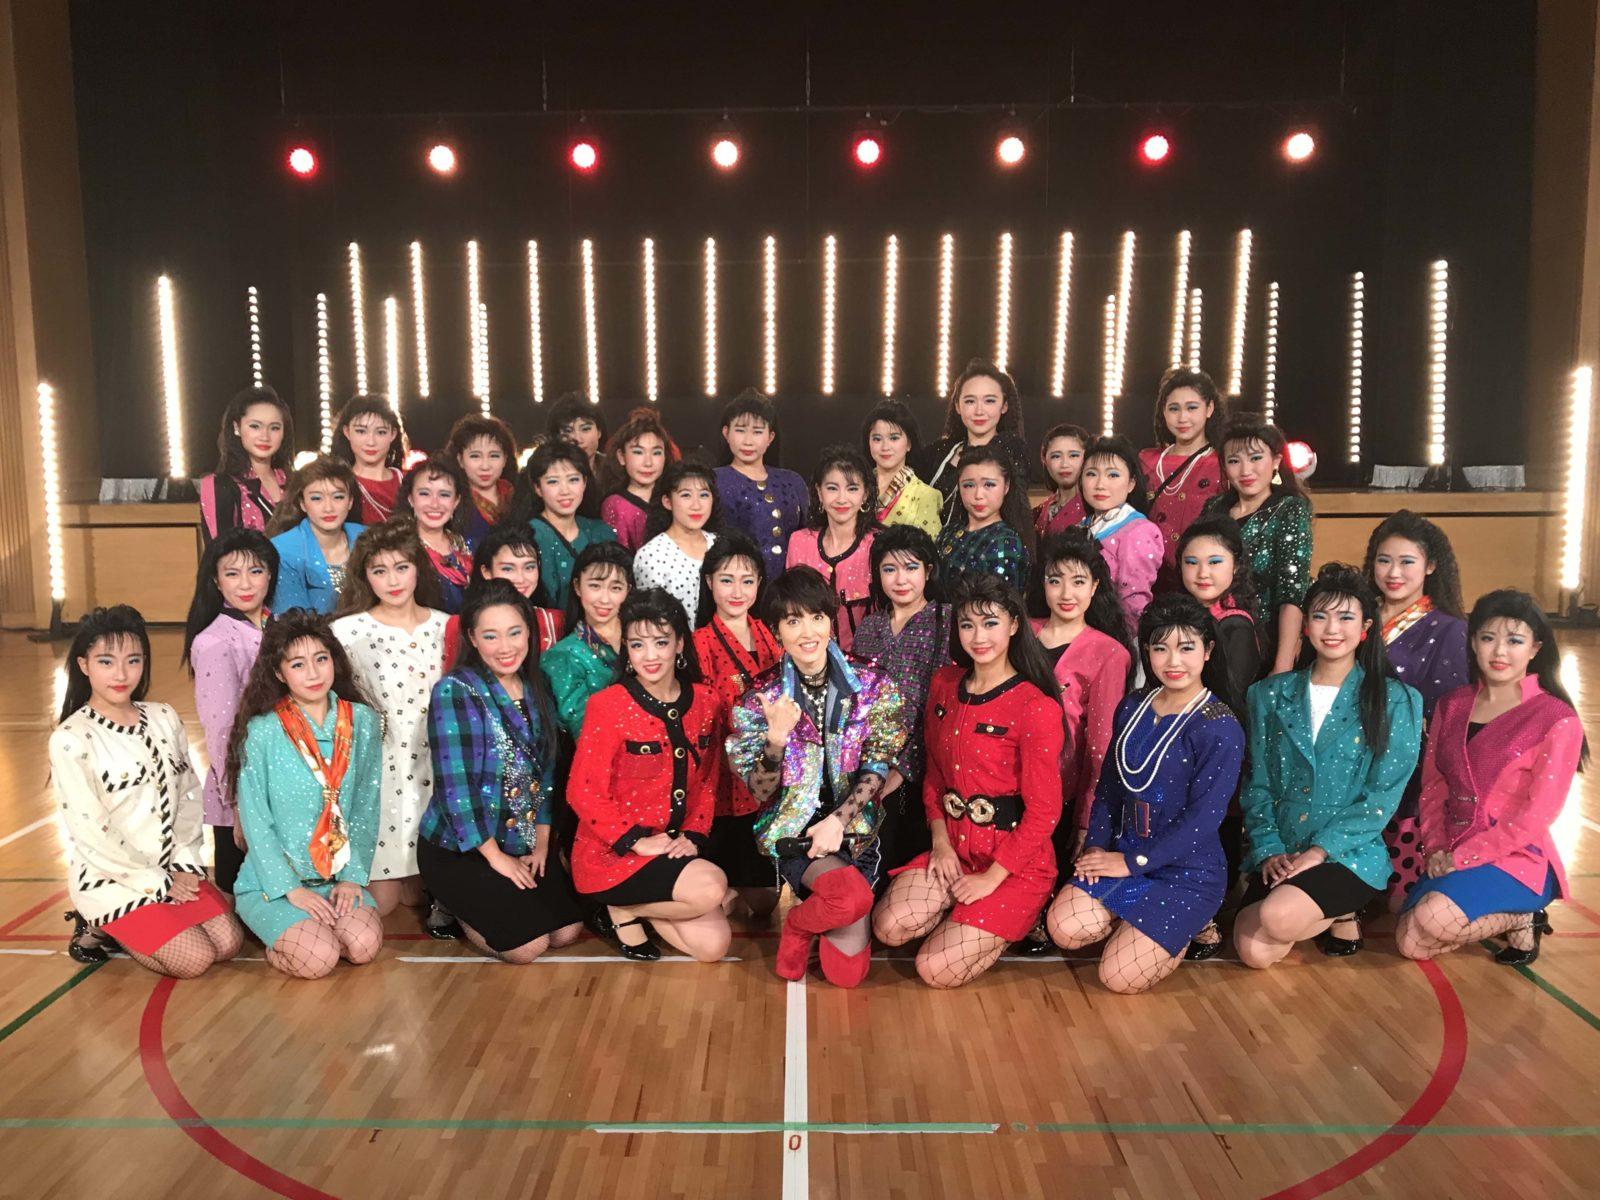 嵐、AKB48、三代目JSB、乃木坂46、福山雅治、星野源ら出演!「Mステスーパーライブ2017」のパフォーマンス詳細が発表サムネイル画像